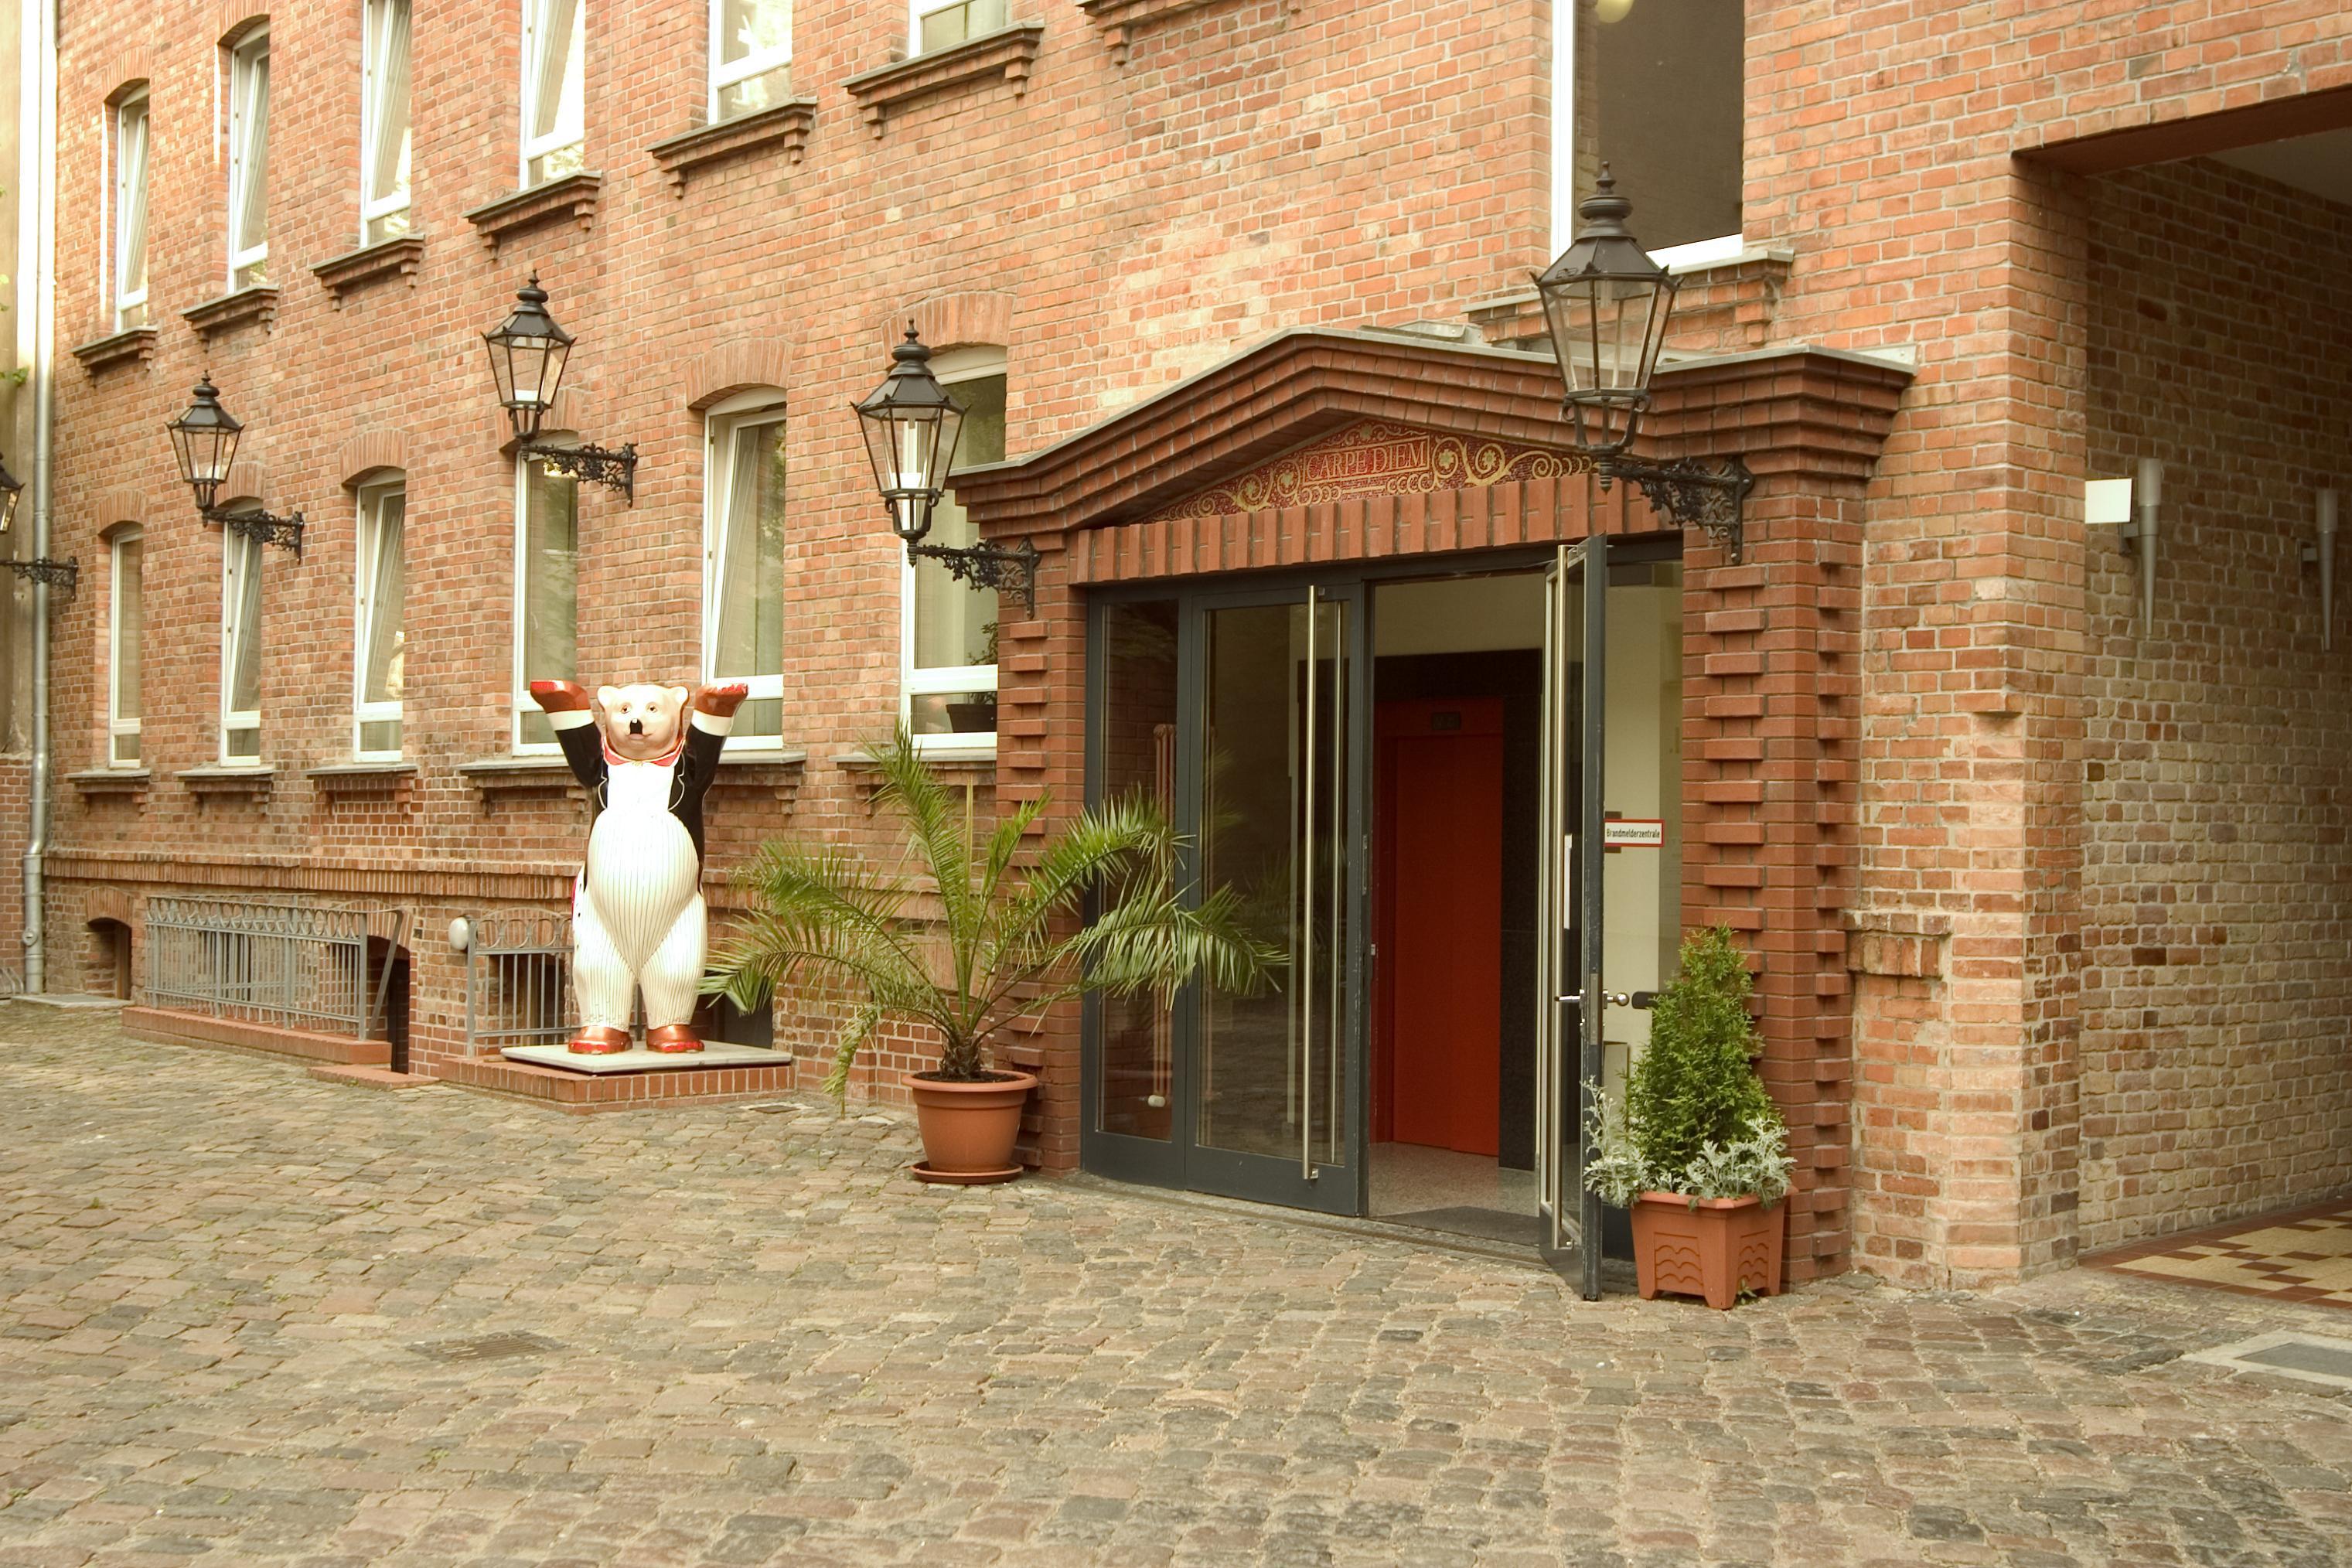 Fotoshow zum ibis Styles Berlin City Ost